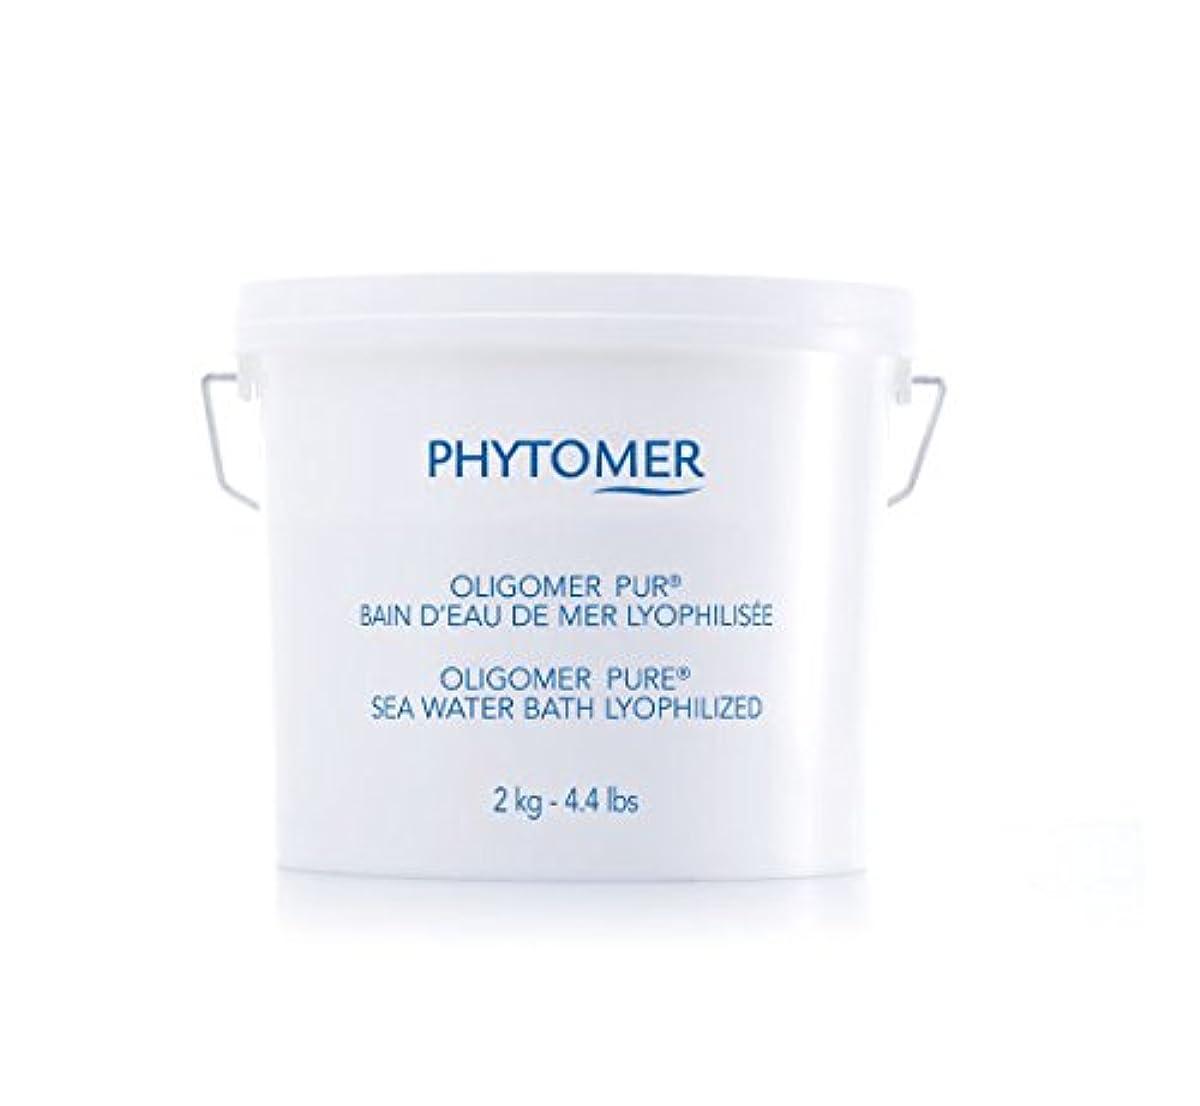 インシュレータ勤勉なアンソロジーPHYTOMER(フィトメール) オリゴメール ピュア 2kg